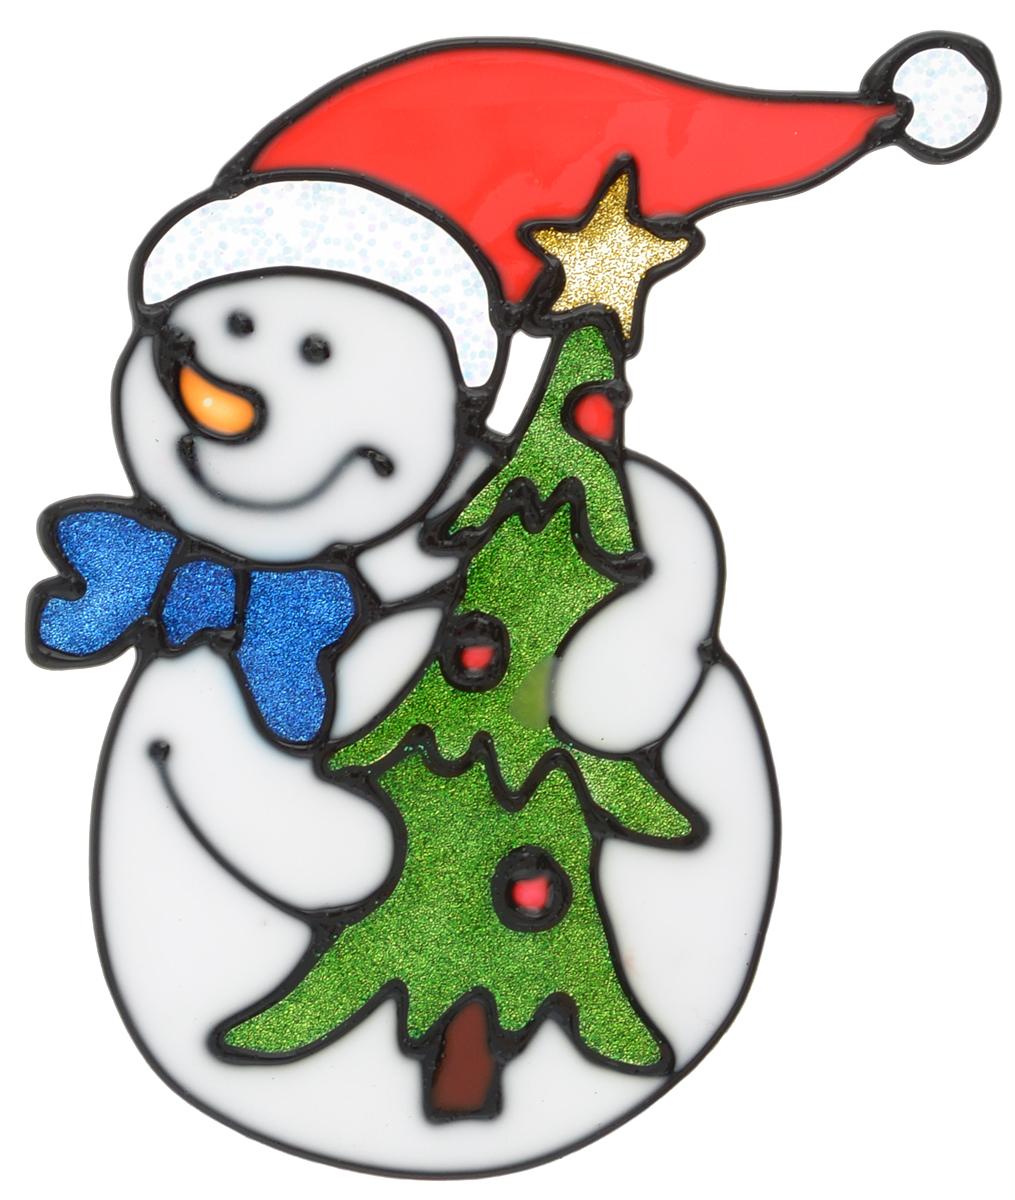 Наклейка на окно Erich Krause Ловкий снеговик, 13,5 х 11 см38505Наклейка на окно Erich Krause Ловкий снеговик выполнена в виде снеговика с елочкой.С помощью больших витражных наклеек на окно Erich Krause можно составлять на стекле целые зимние сюжеты, которые будут радовать глаз, и поднимать настроение в праздничные дни! Так же Вы можете преподнести этот сувенир в качестве мини-презента коллегам, близким и друзьям с пожеланиями счастливого Нового Года!Размер наклейки: 13,5 х 11 см